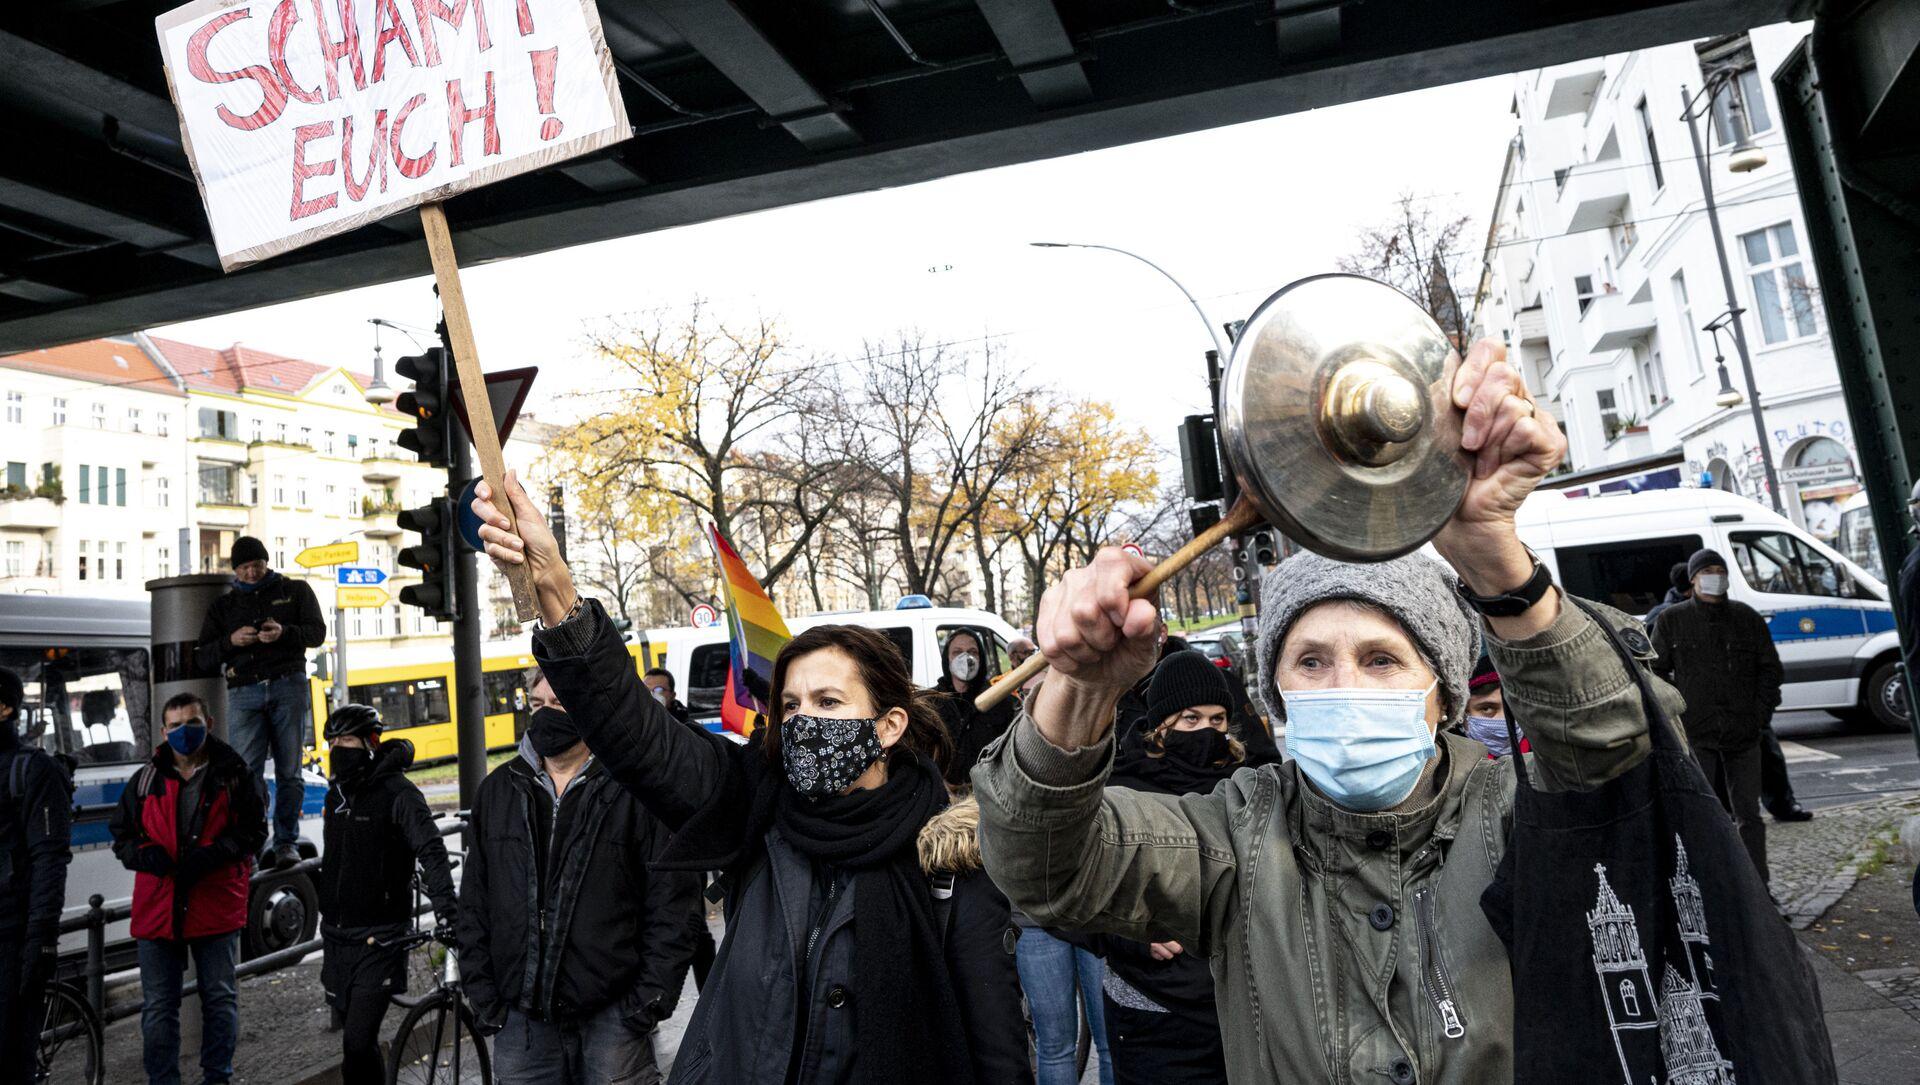 საპროტესტო აქცია გერმანიაში კოვიდ-შეზღუდვების წინააღმდეგ - Sputnik საქართველო, 1920, 23.05.2021